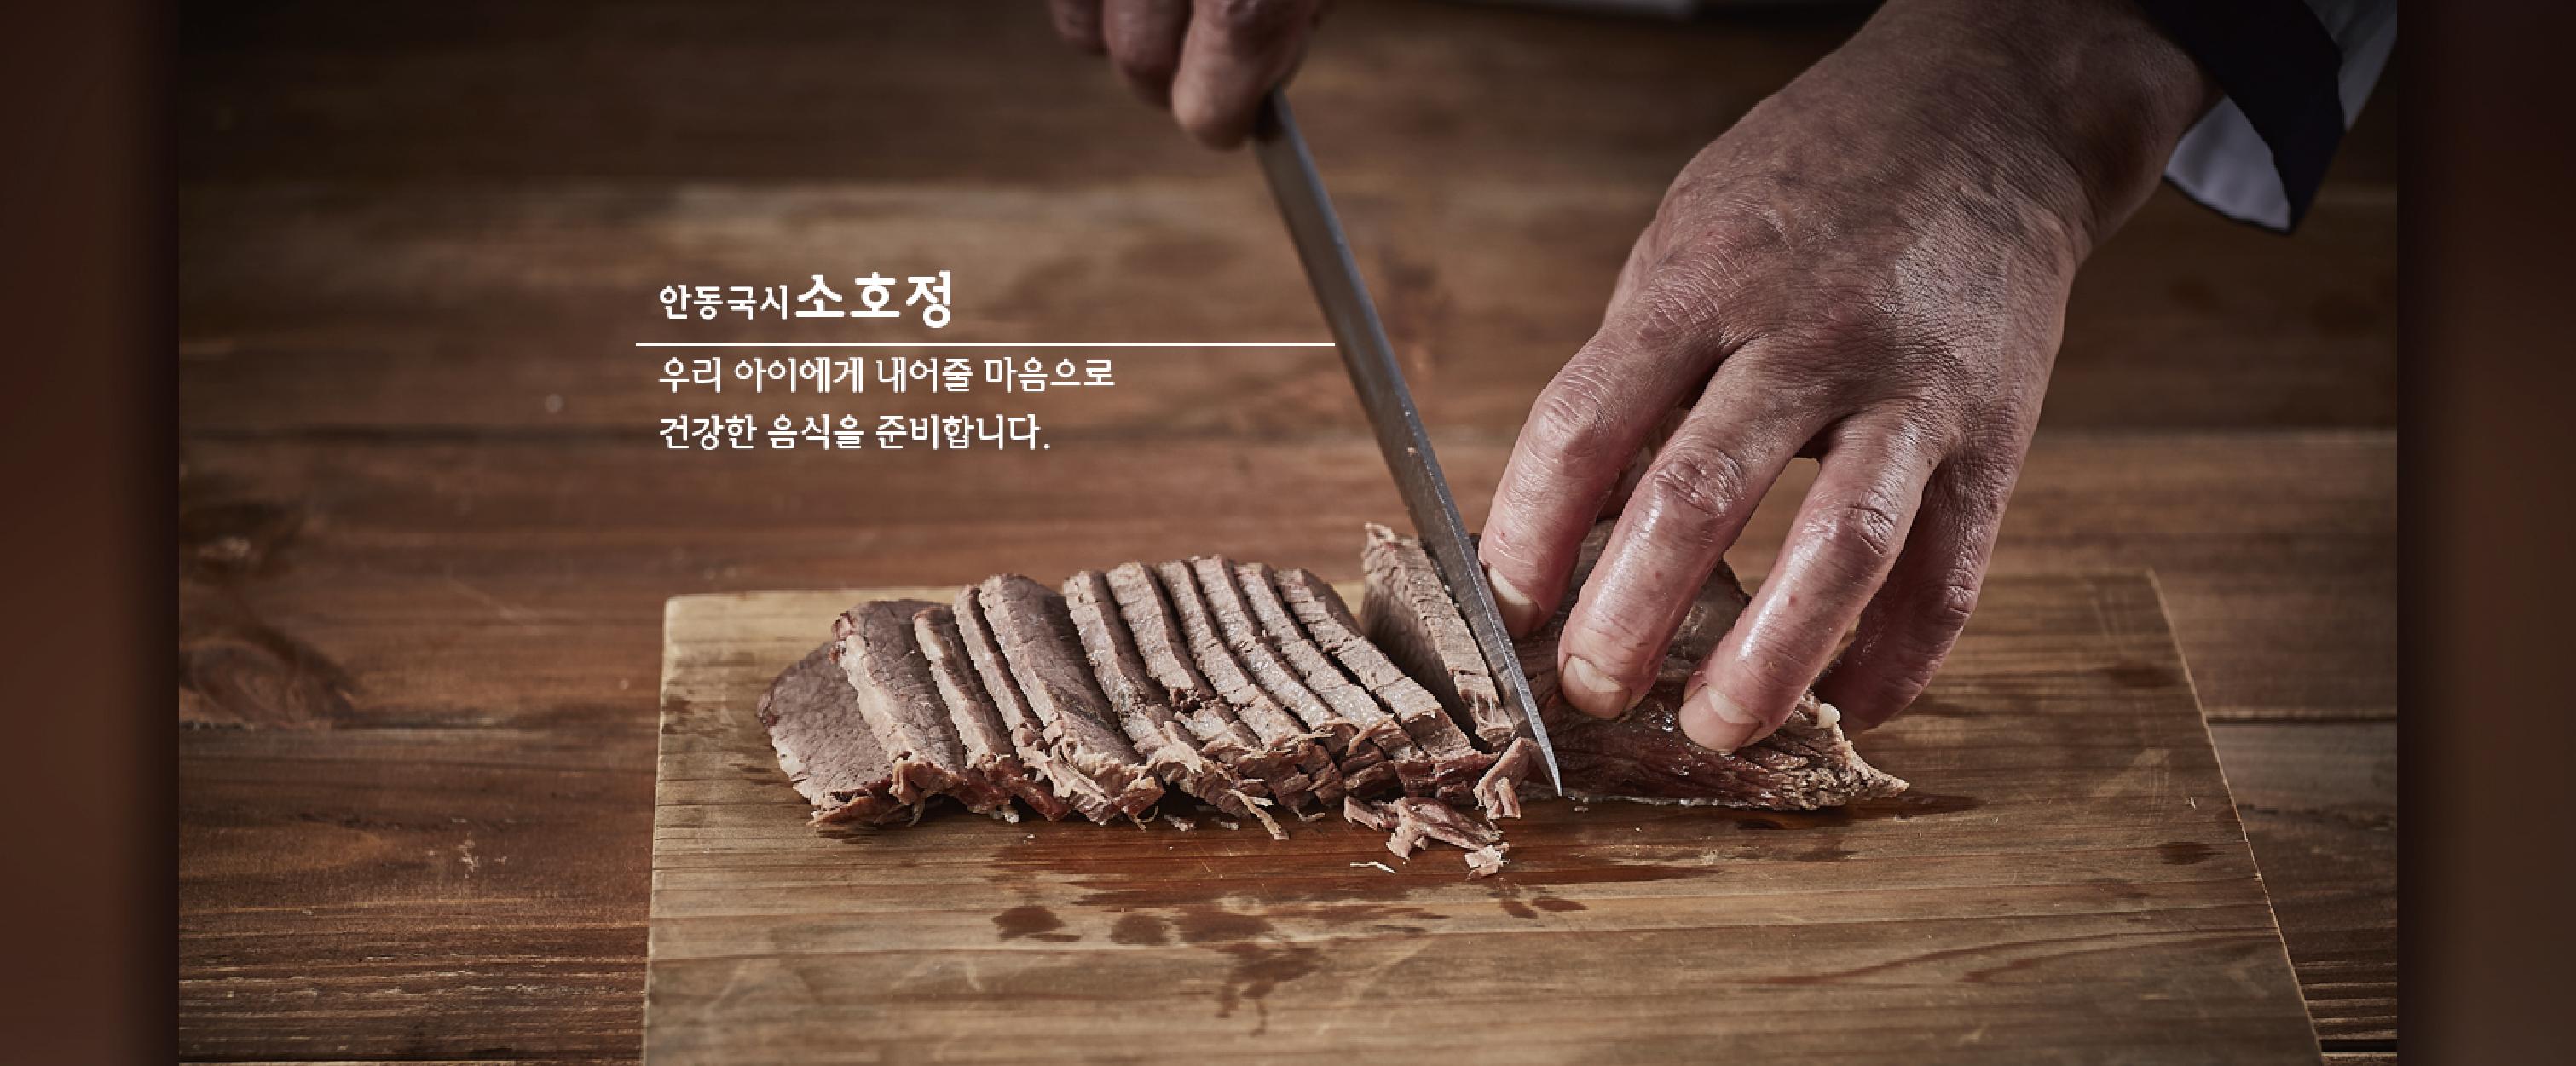 소호정_대표이미지2